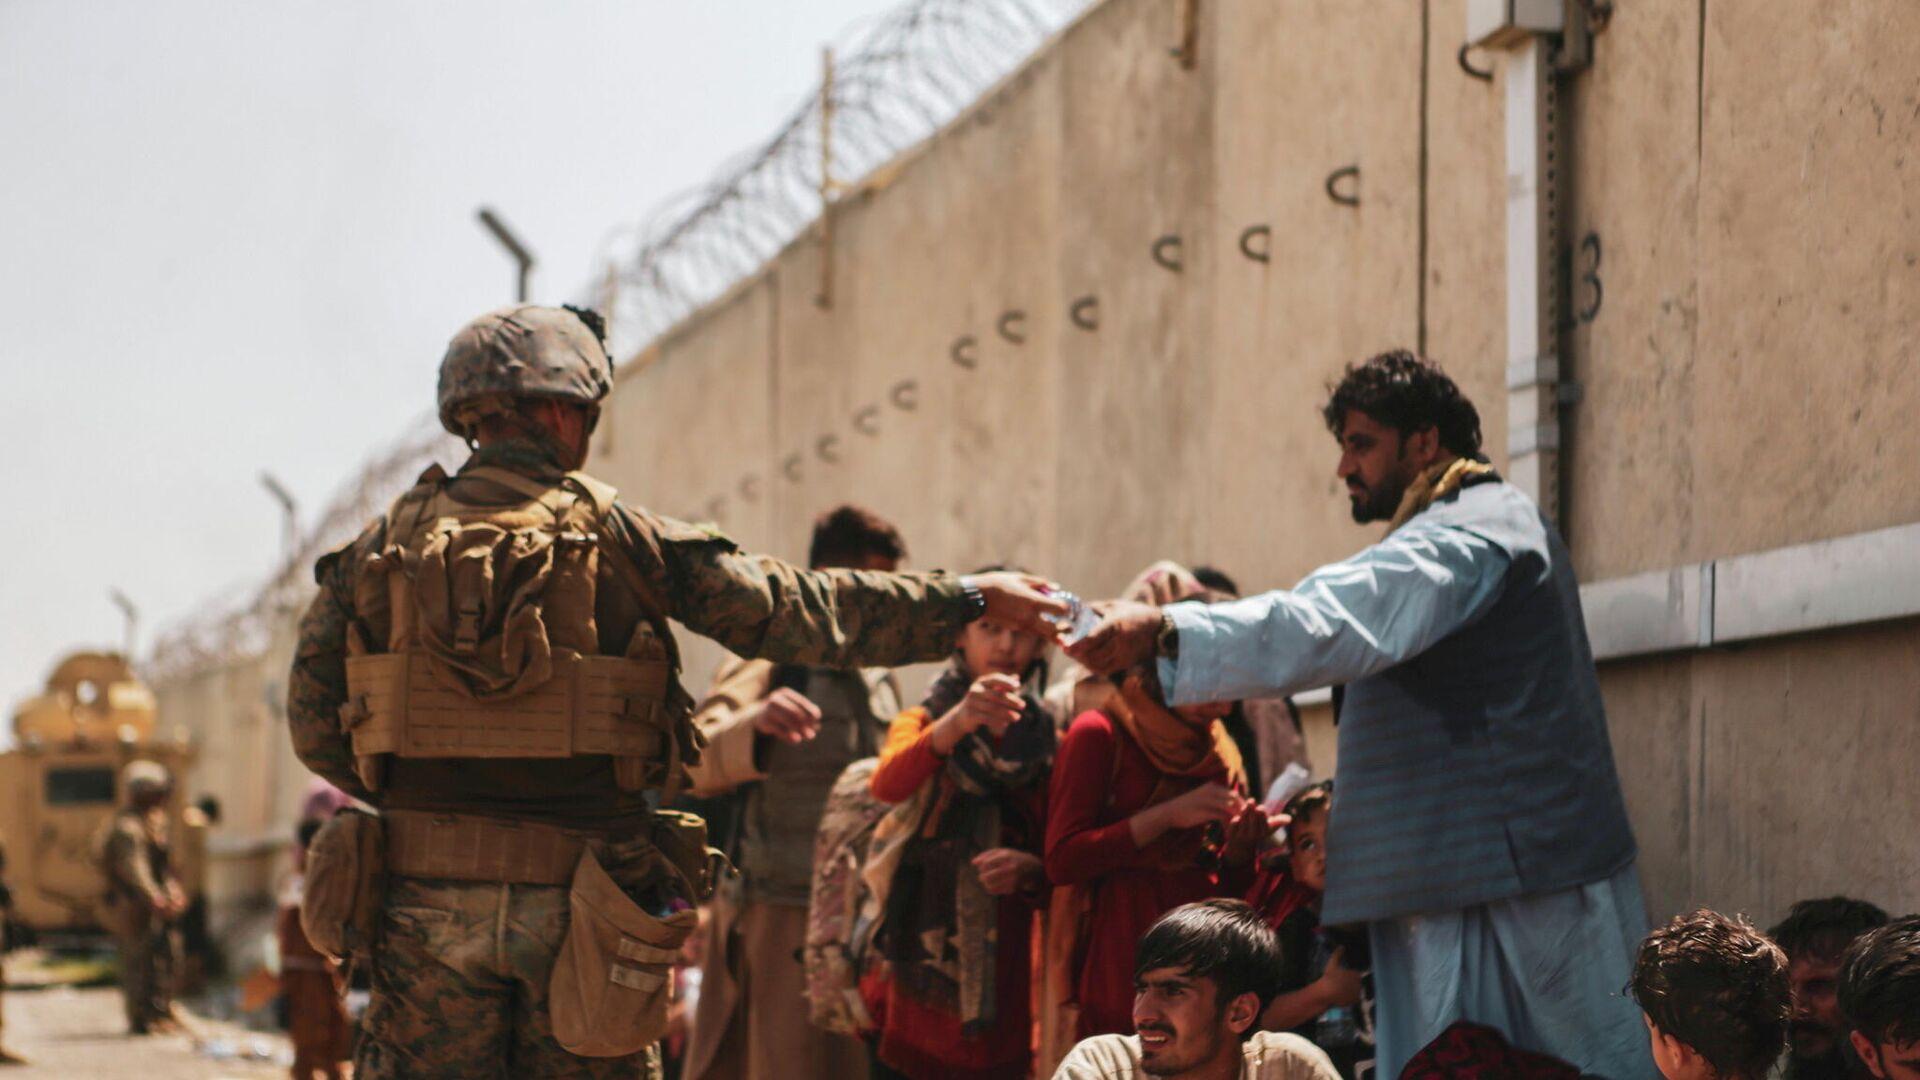 Afganos esperan la evacuación en el aeropuerto de Kabul - Sputnik Mundo, 1920, 24.08.2021